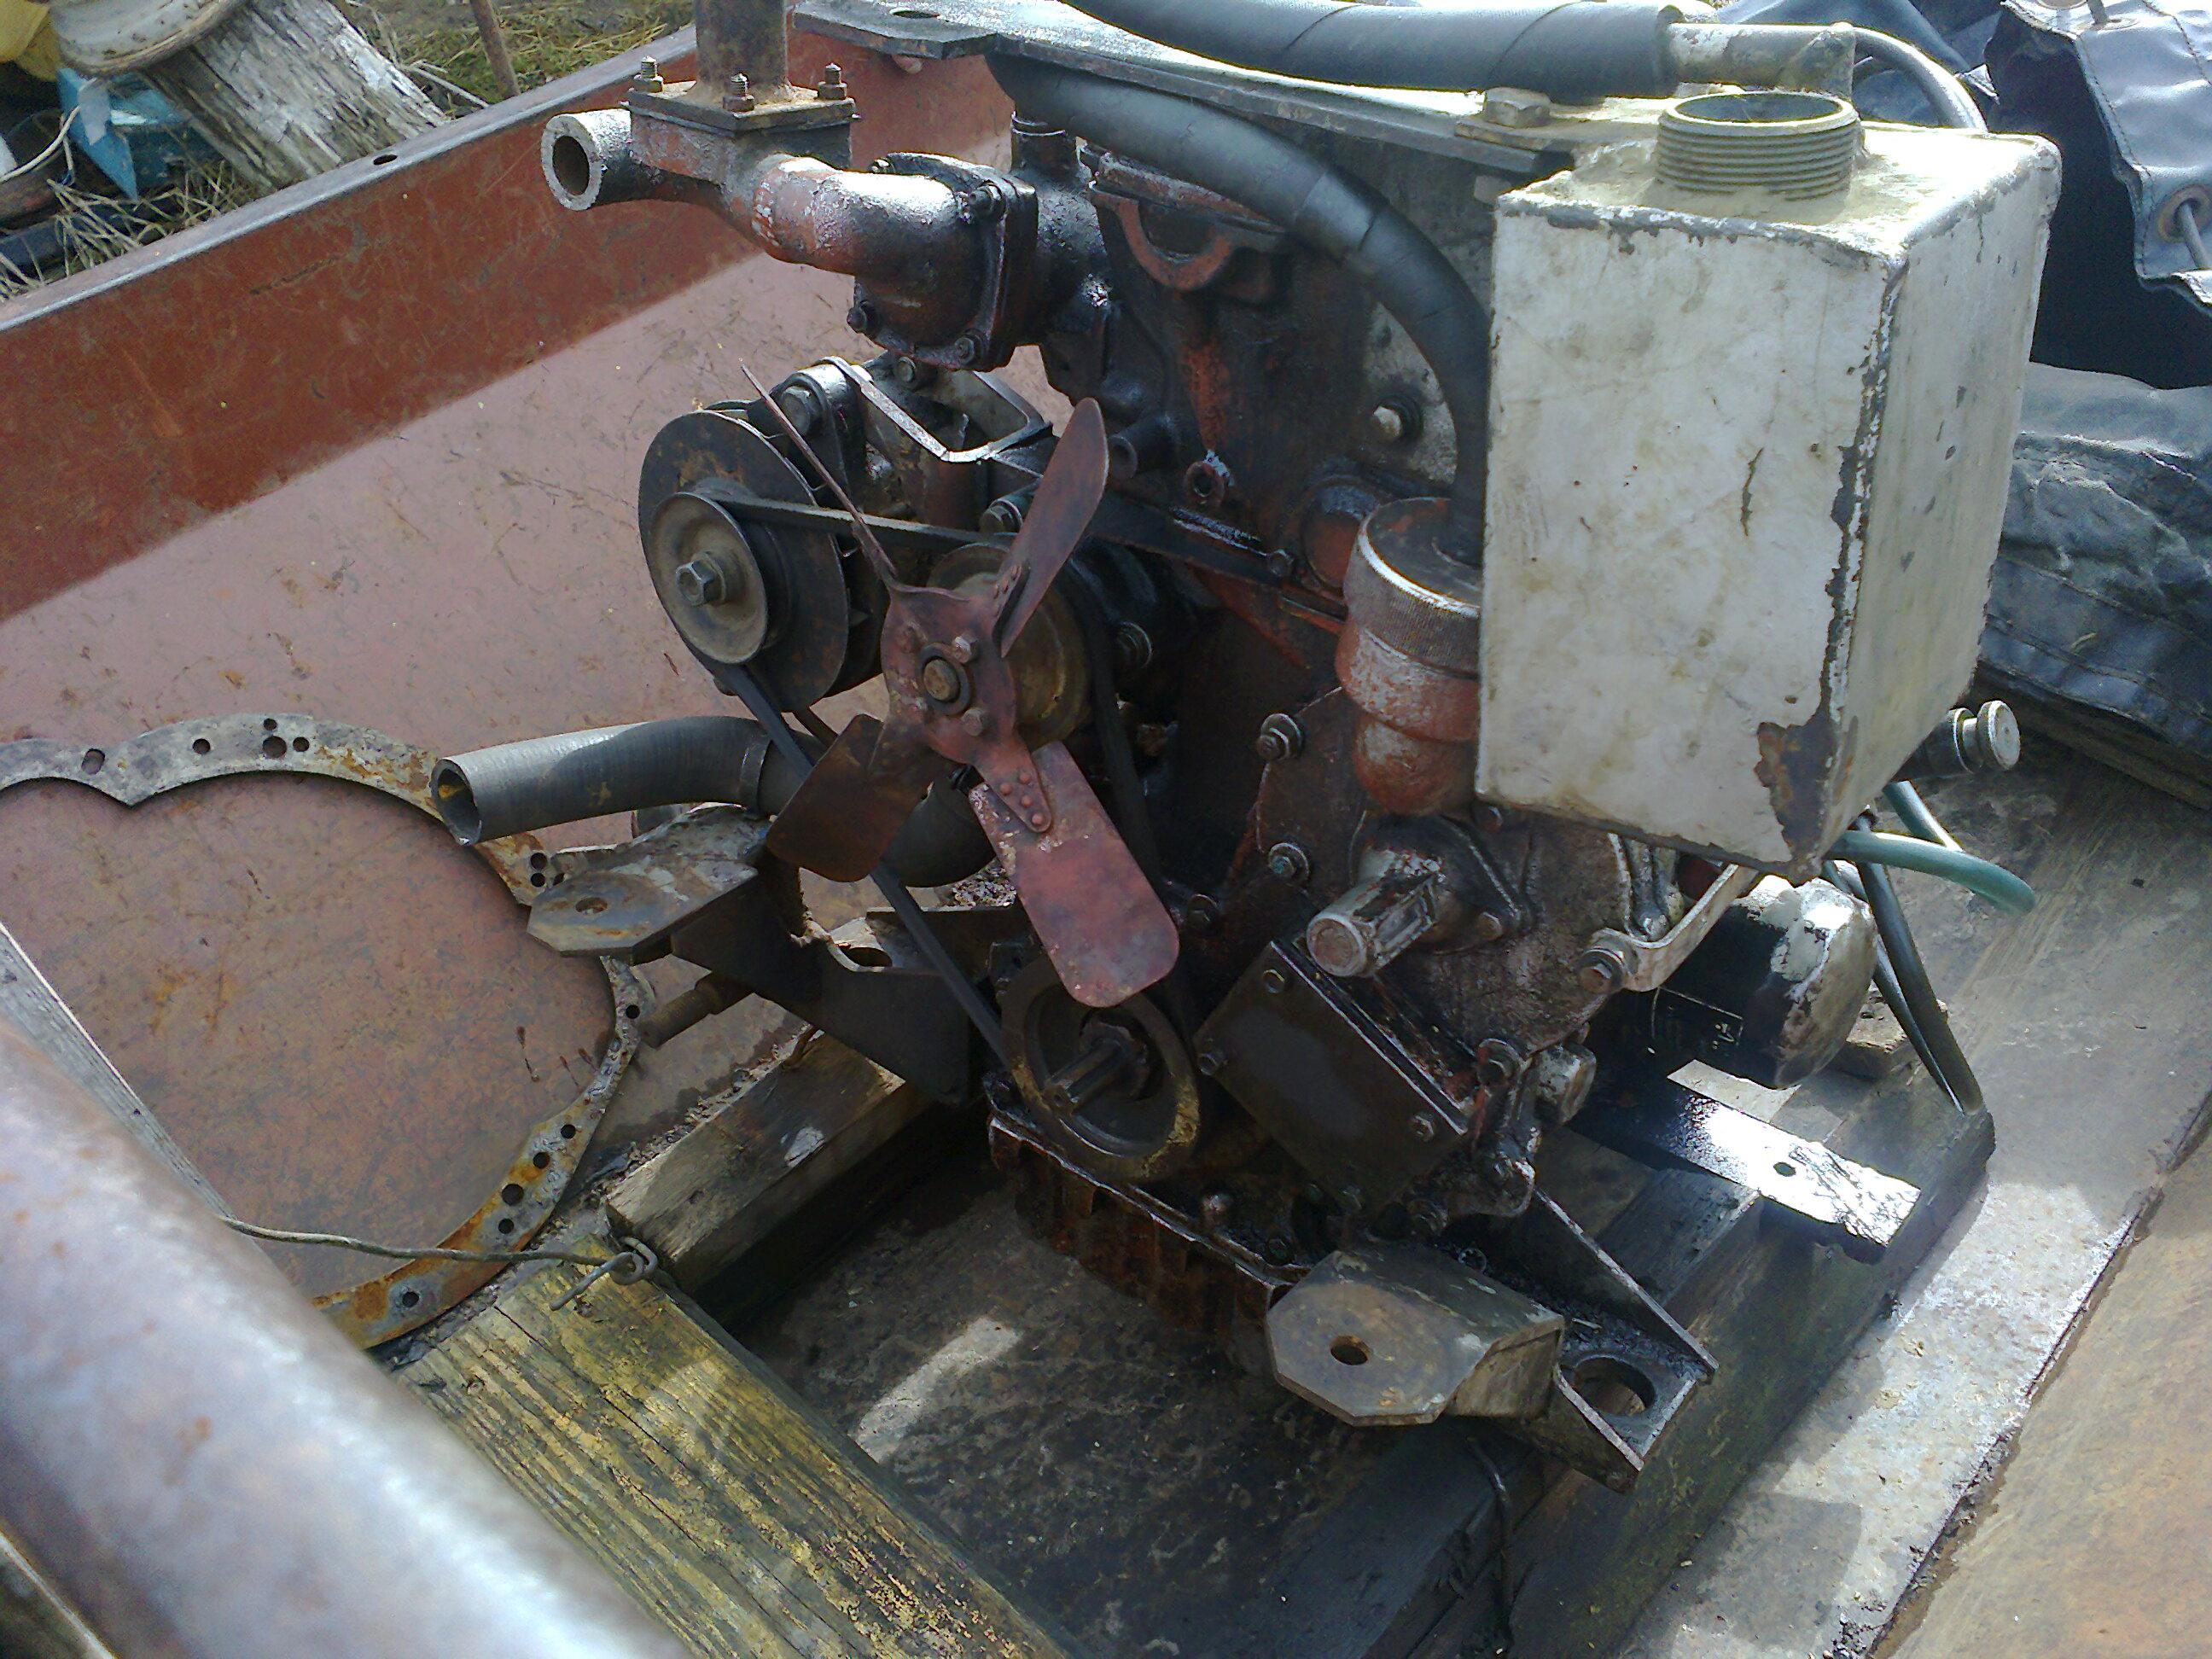 Купить новый минитрактор (мини трактор) недорого.